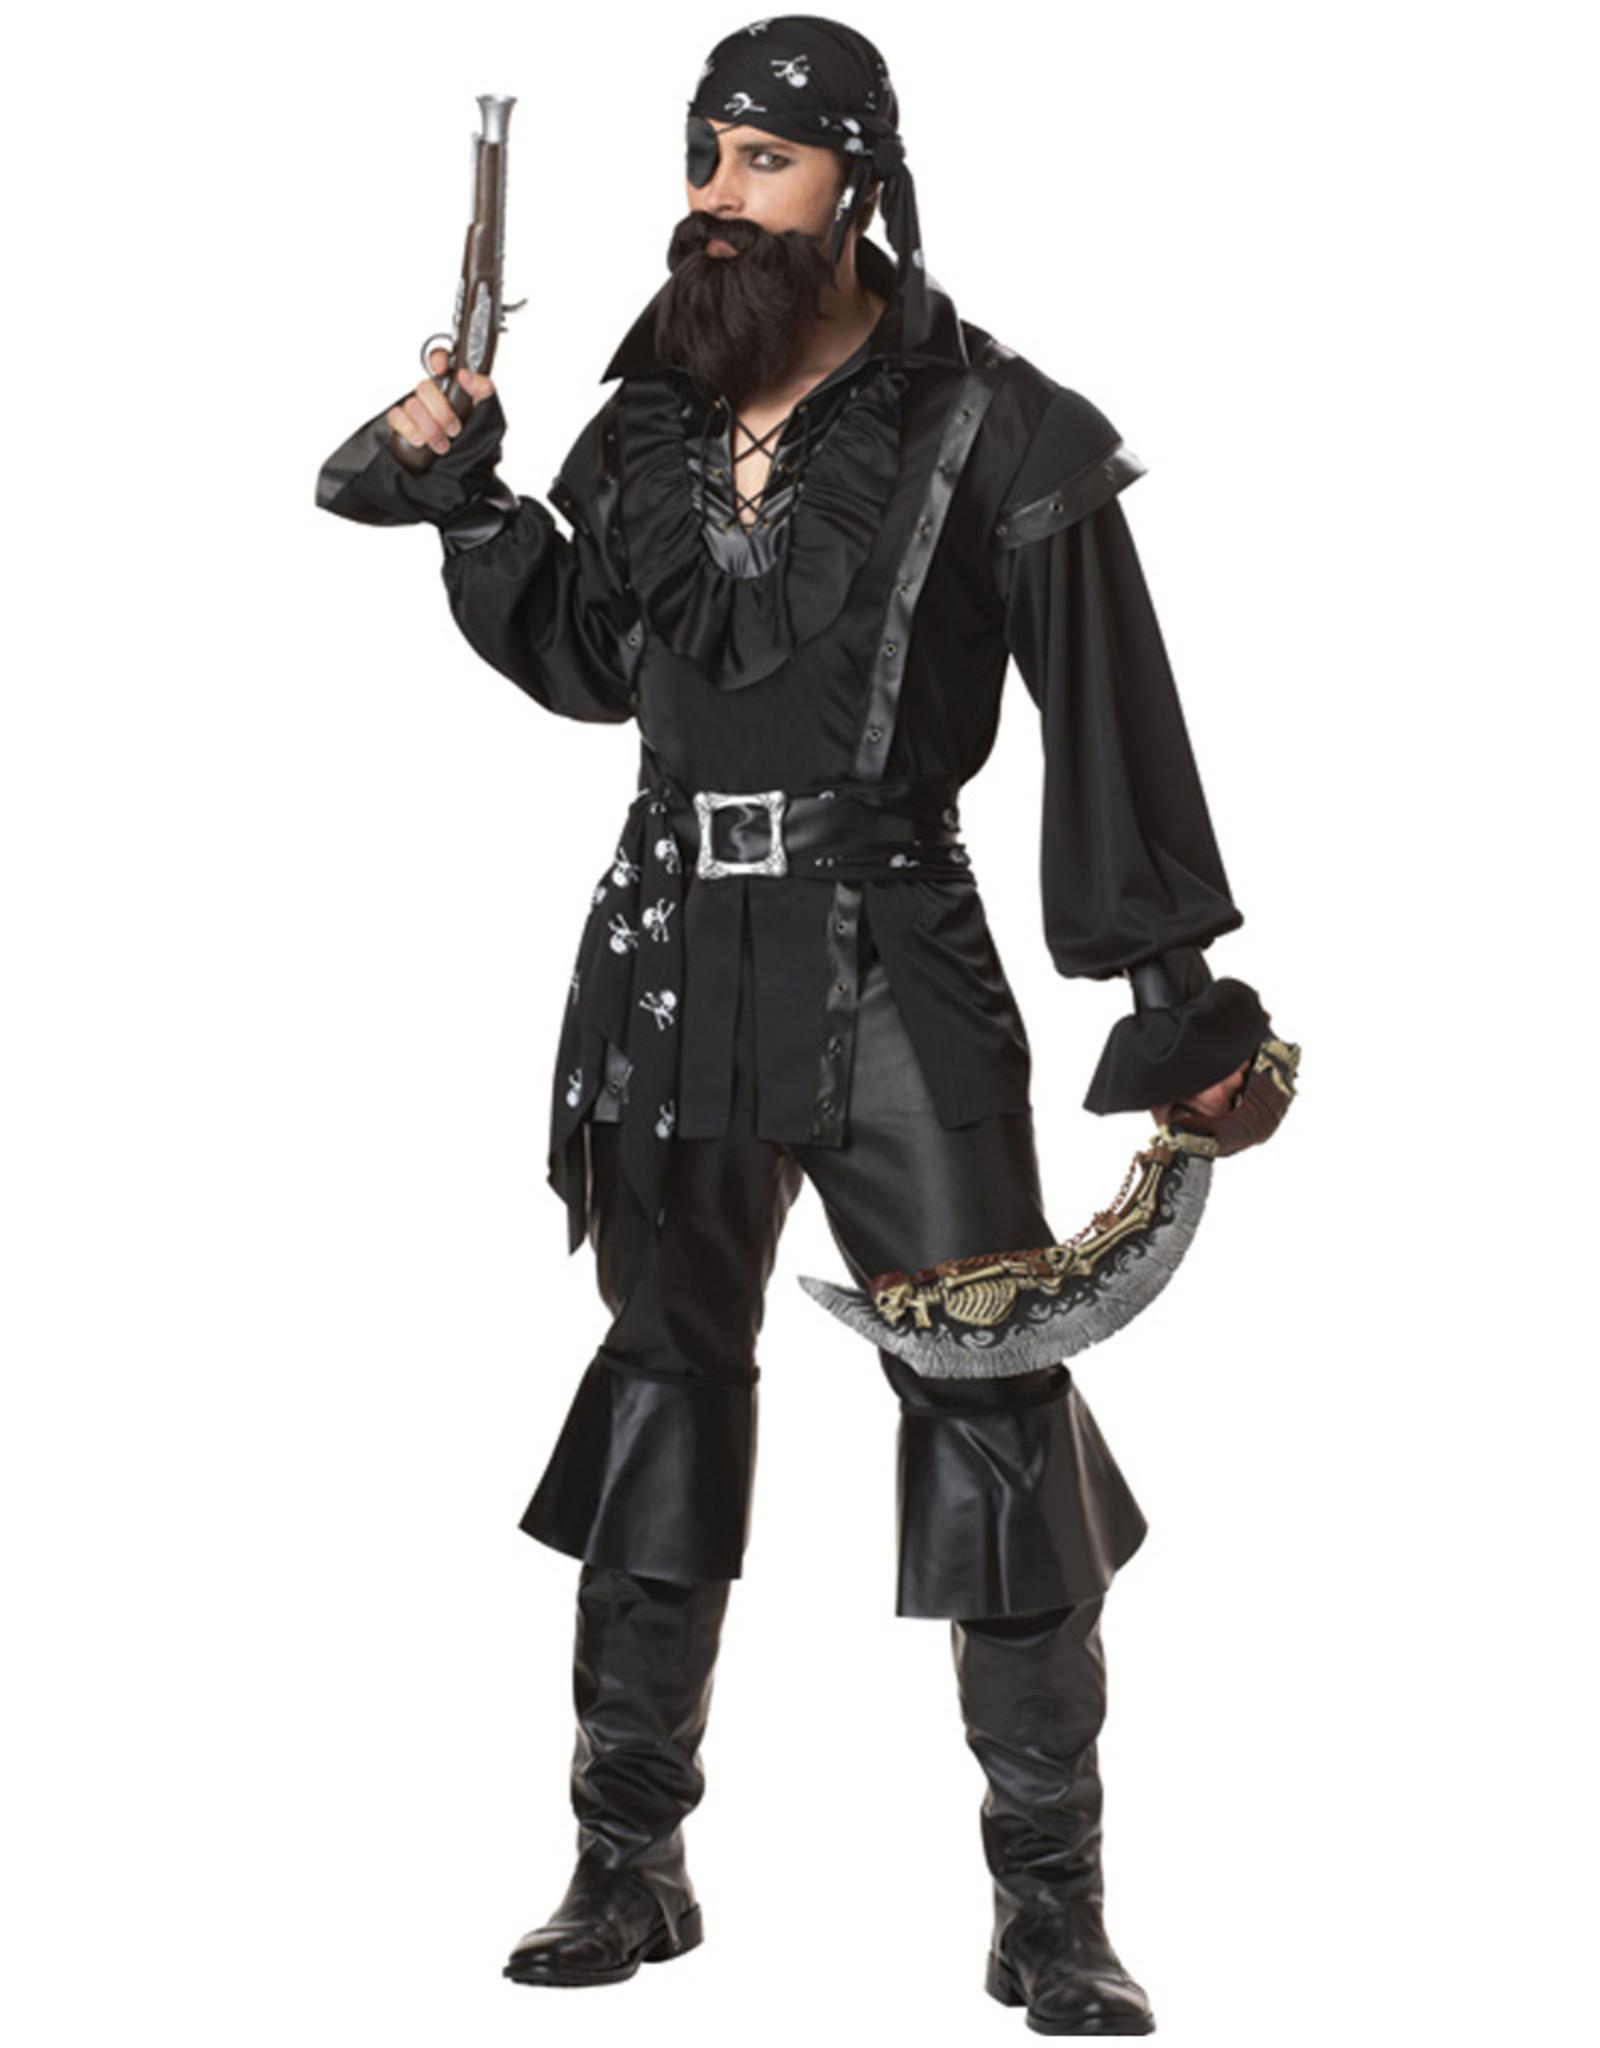 Plundering Pirate Costume - Men's